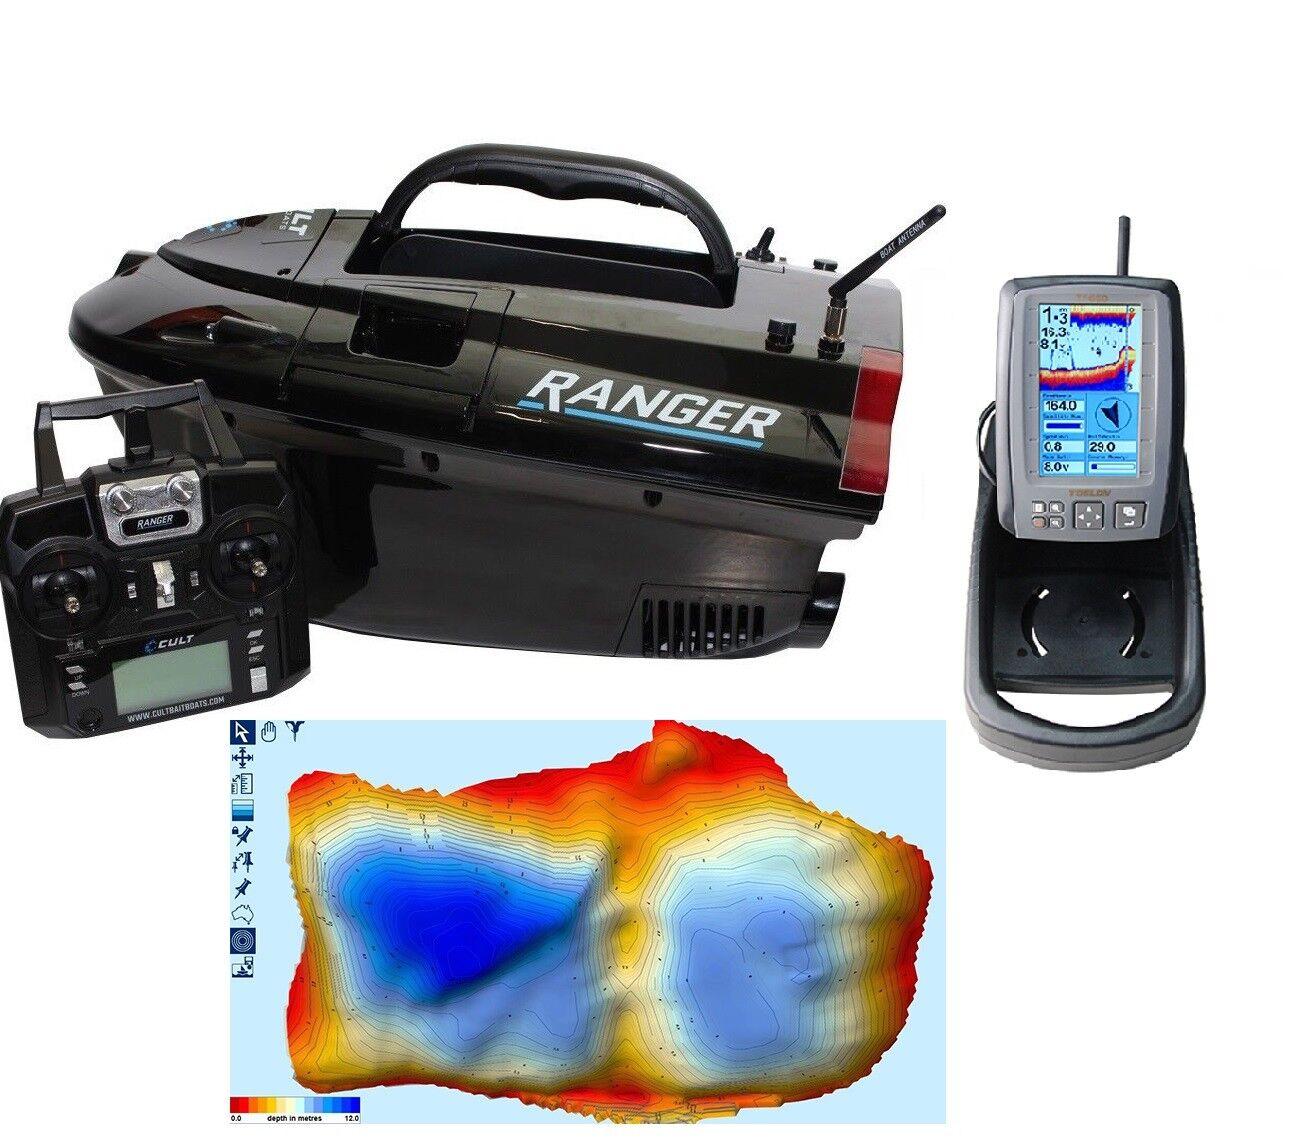 Cult Ranger Pro GPS Bait Boat Complete Complete Boat Range Inc Cult + Toslon Fishfinders NEW 4af441